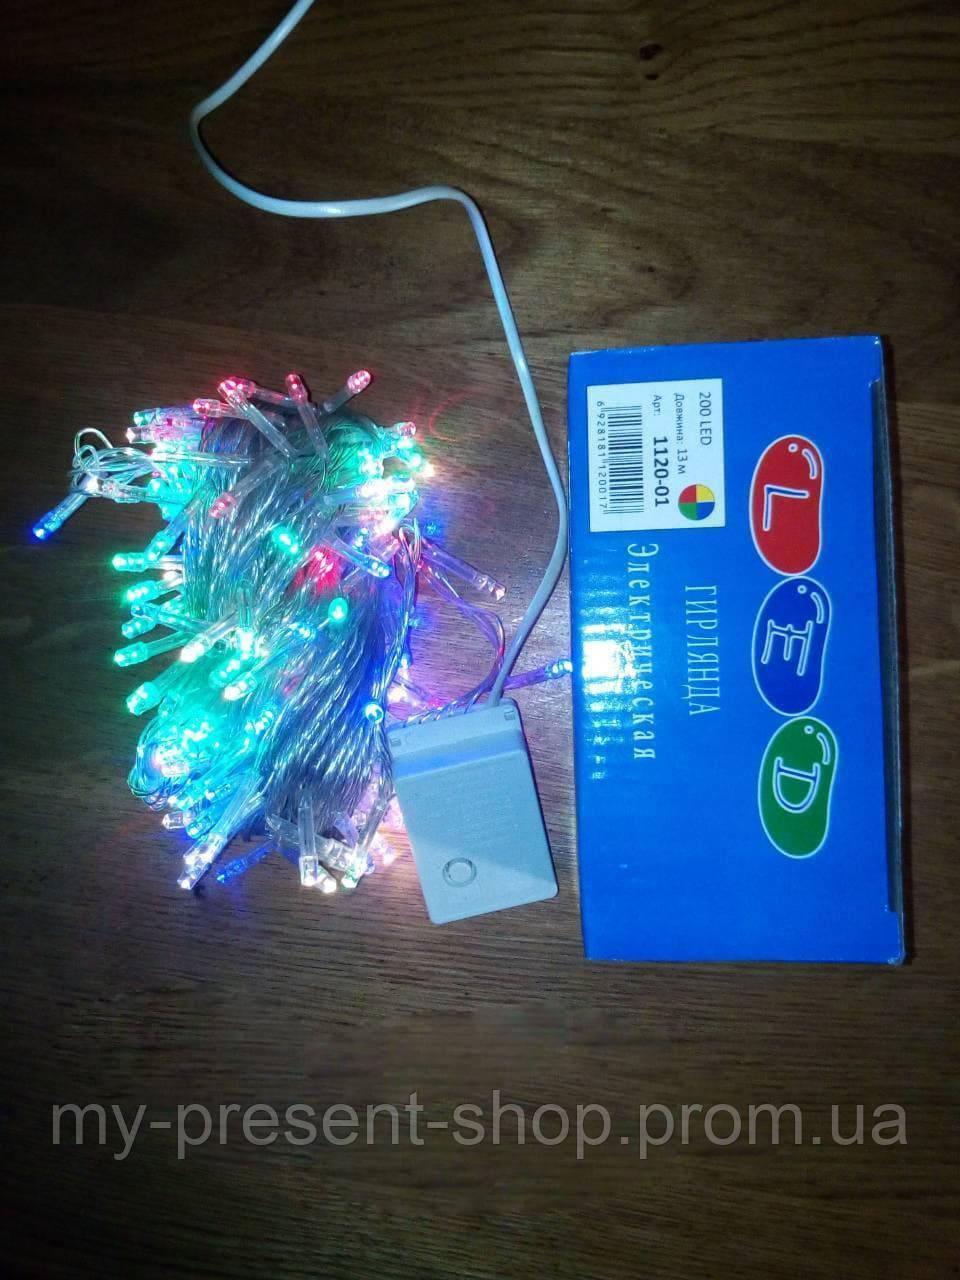 Новогодние светодиодные гирлянды и лампы Новогодняя светодиодная гирлянда 200LED 13м мультиколор